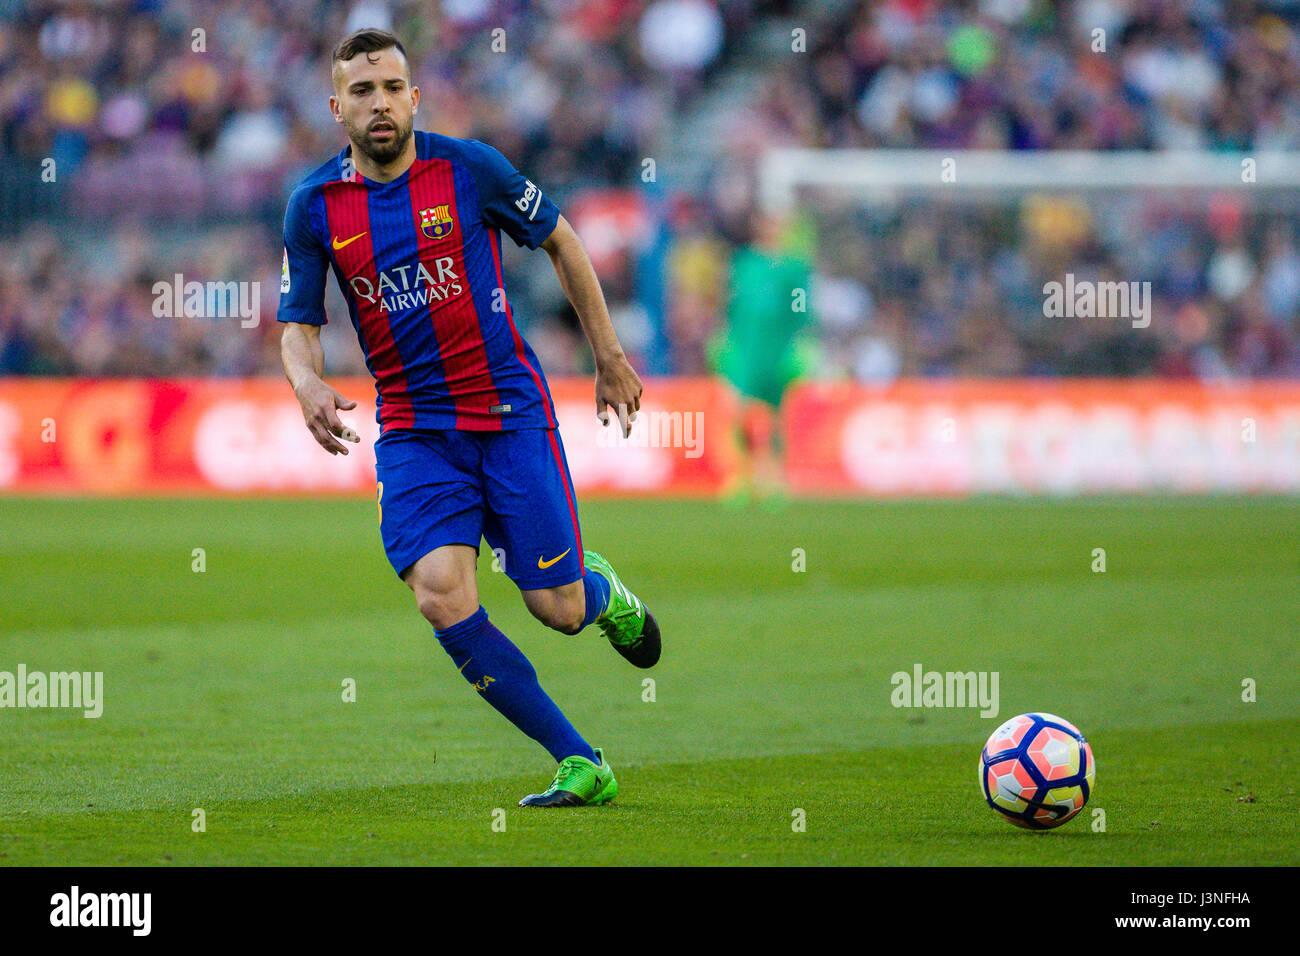 Barcelona Spain 06th May 2017 May 6 2017 Jordi Alba of FC